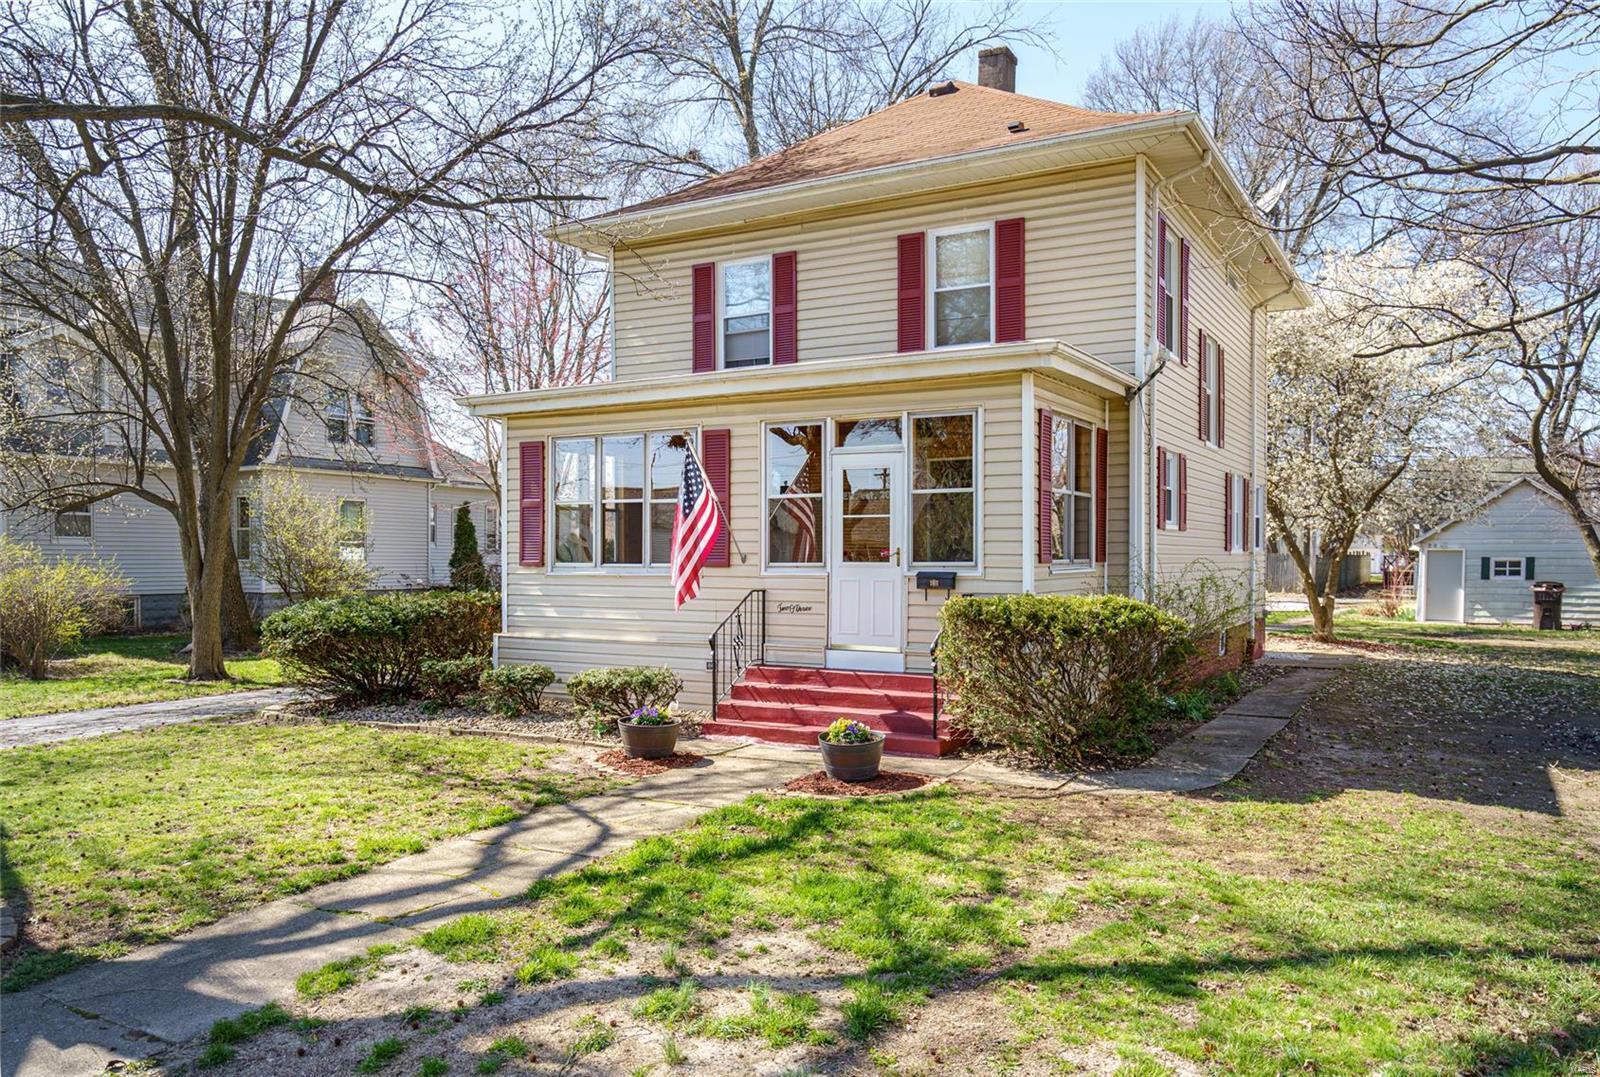 203 E Maple Property Photo - Gillespie, IL real estate listing